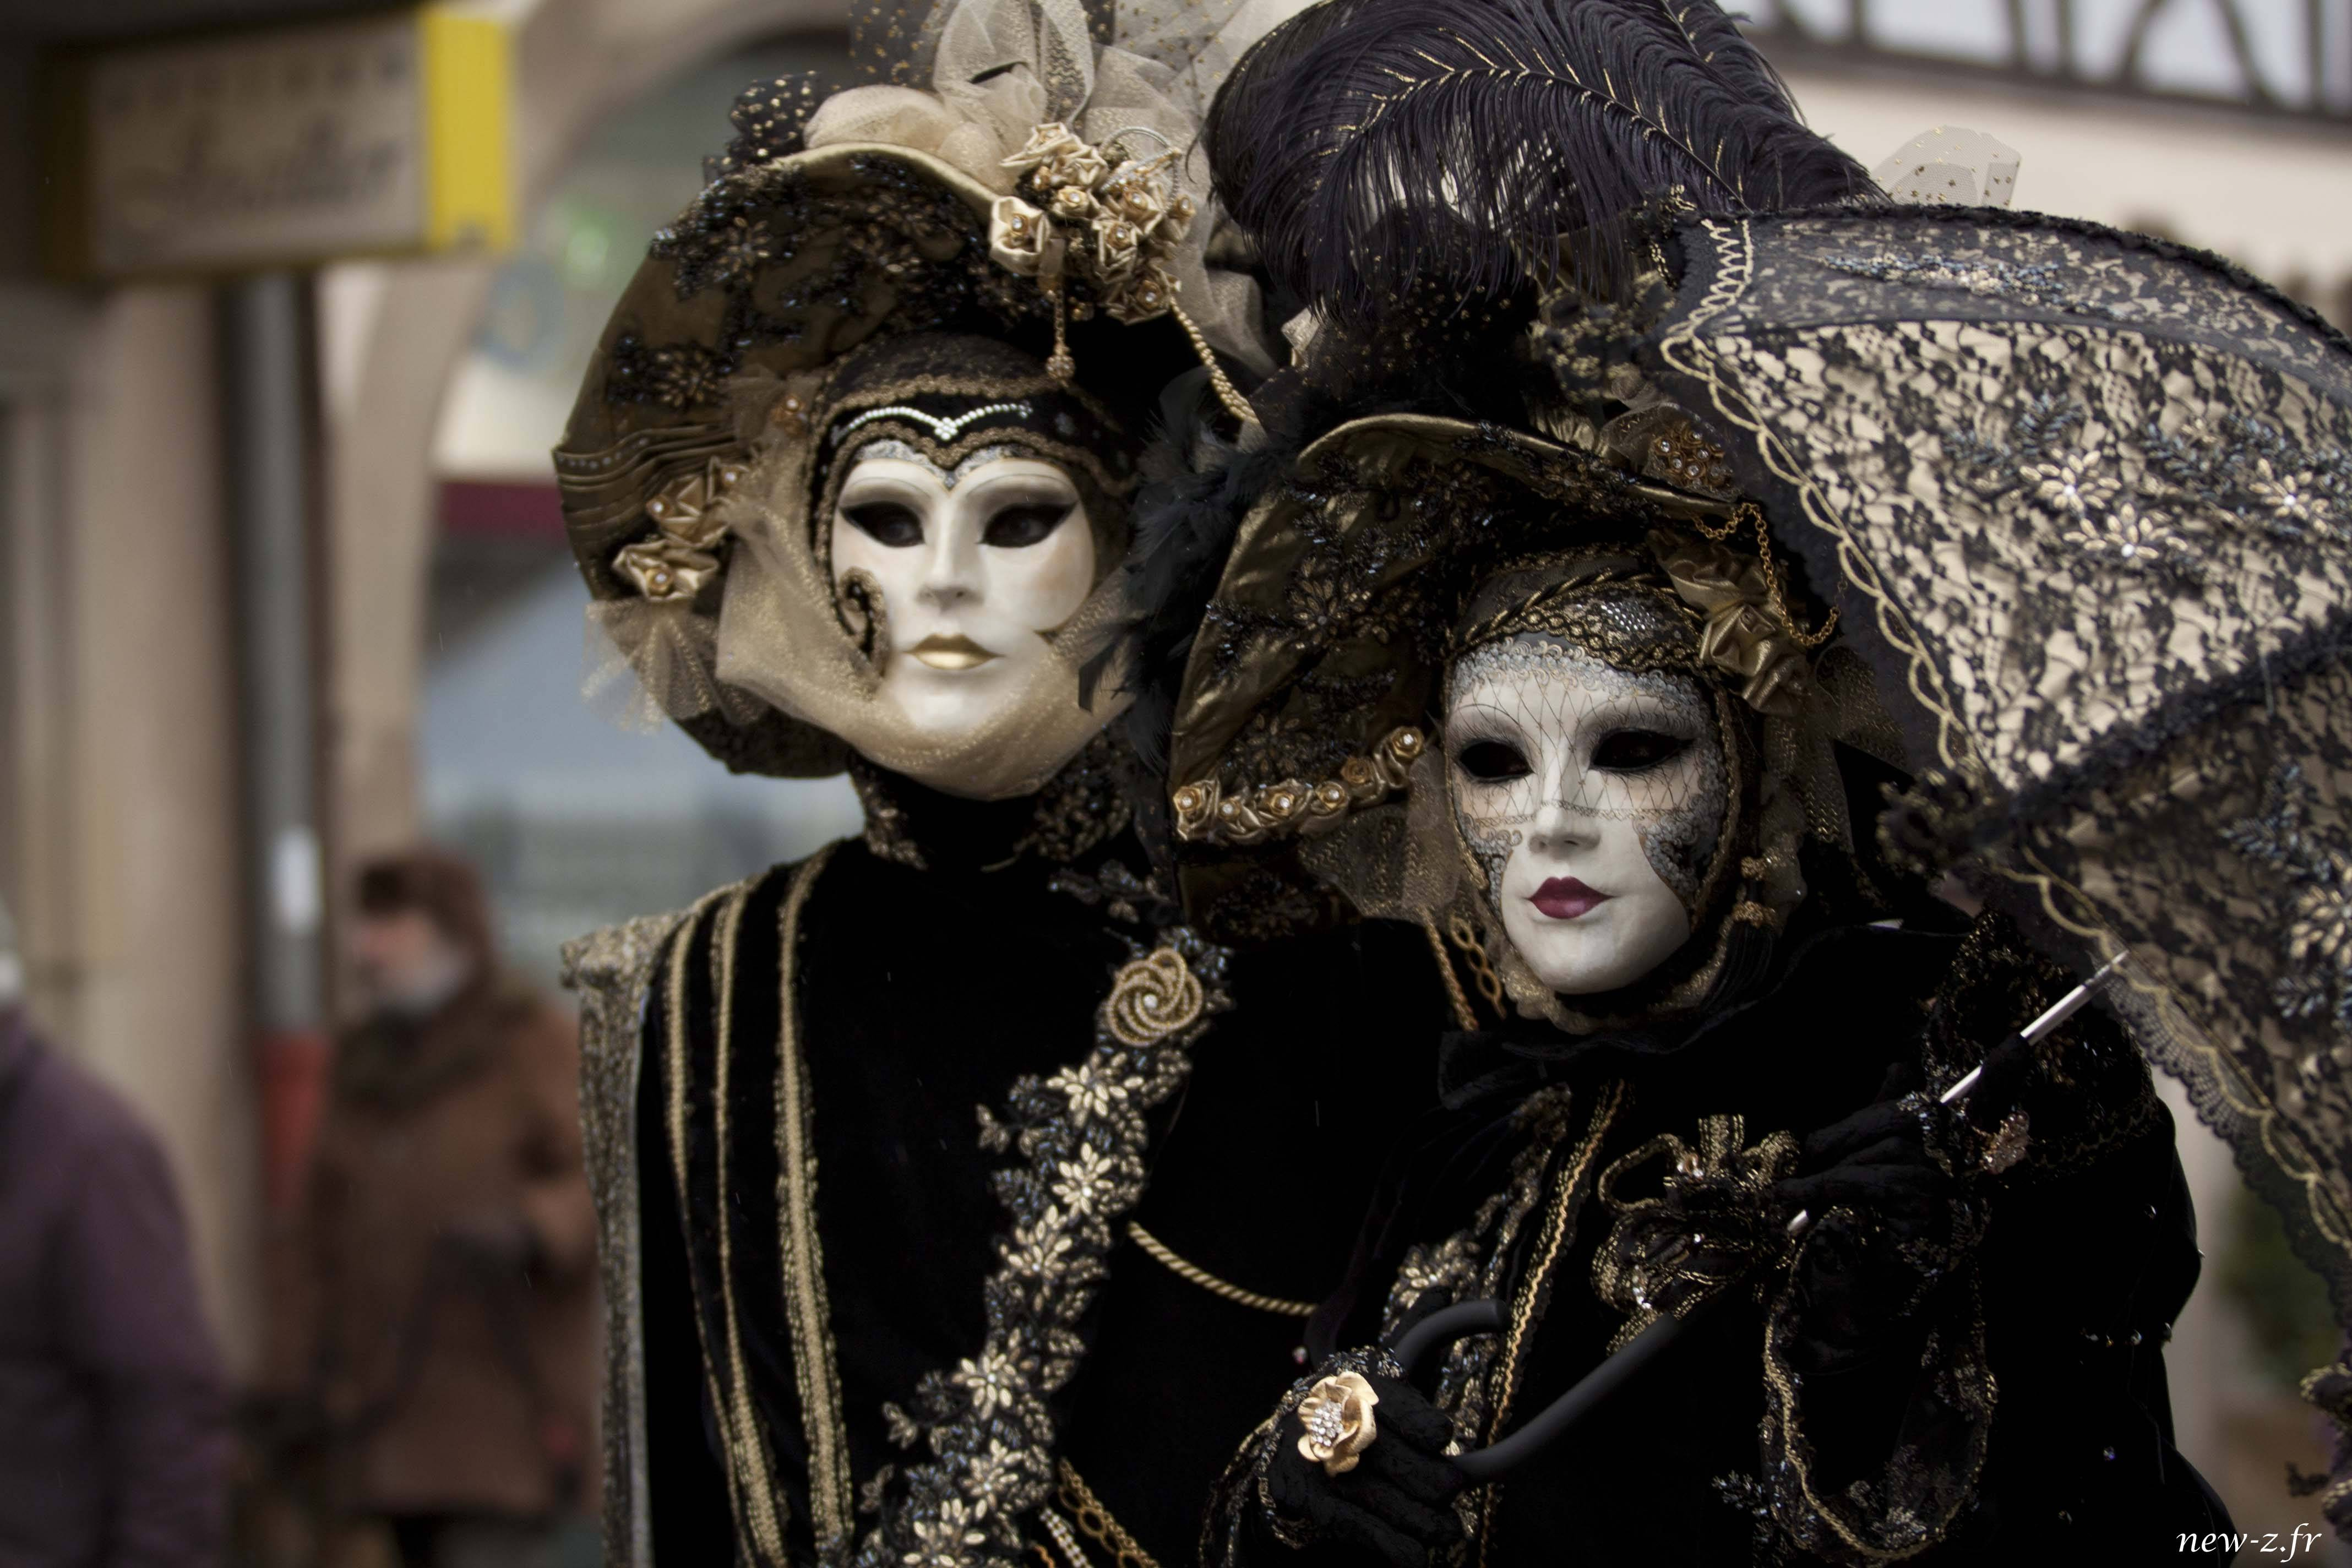 Reportage photographique de portrait au carnaval vénitien de Rosheim réalisé par Alexis Zimmermann Photographe Professionnel à Strasbourg en Alsace